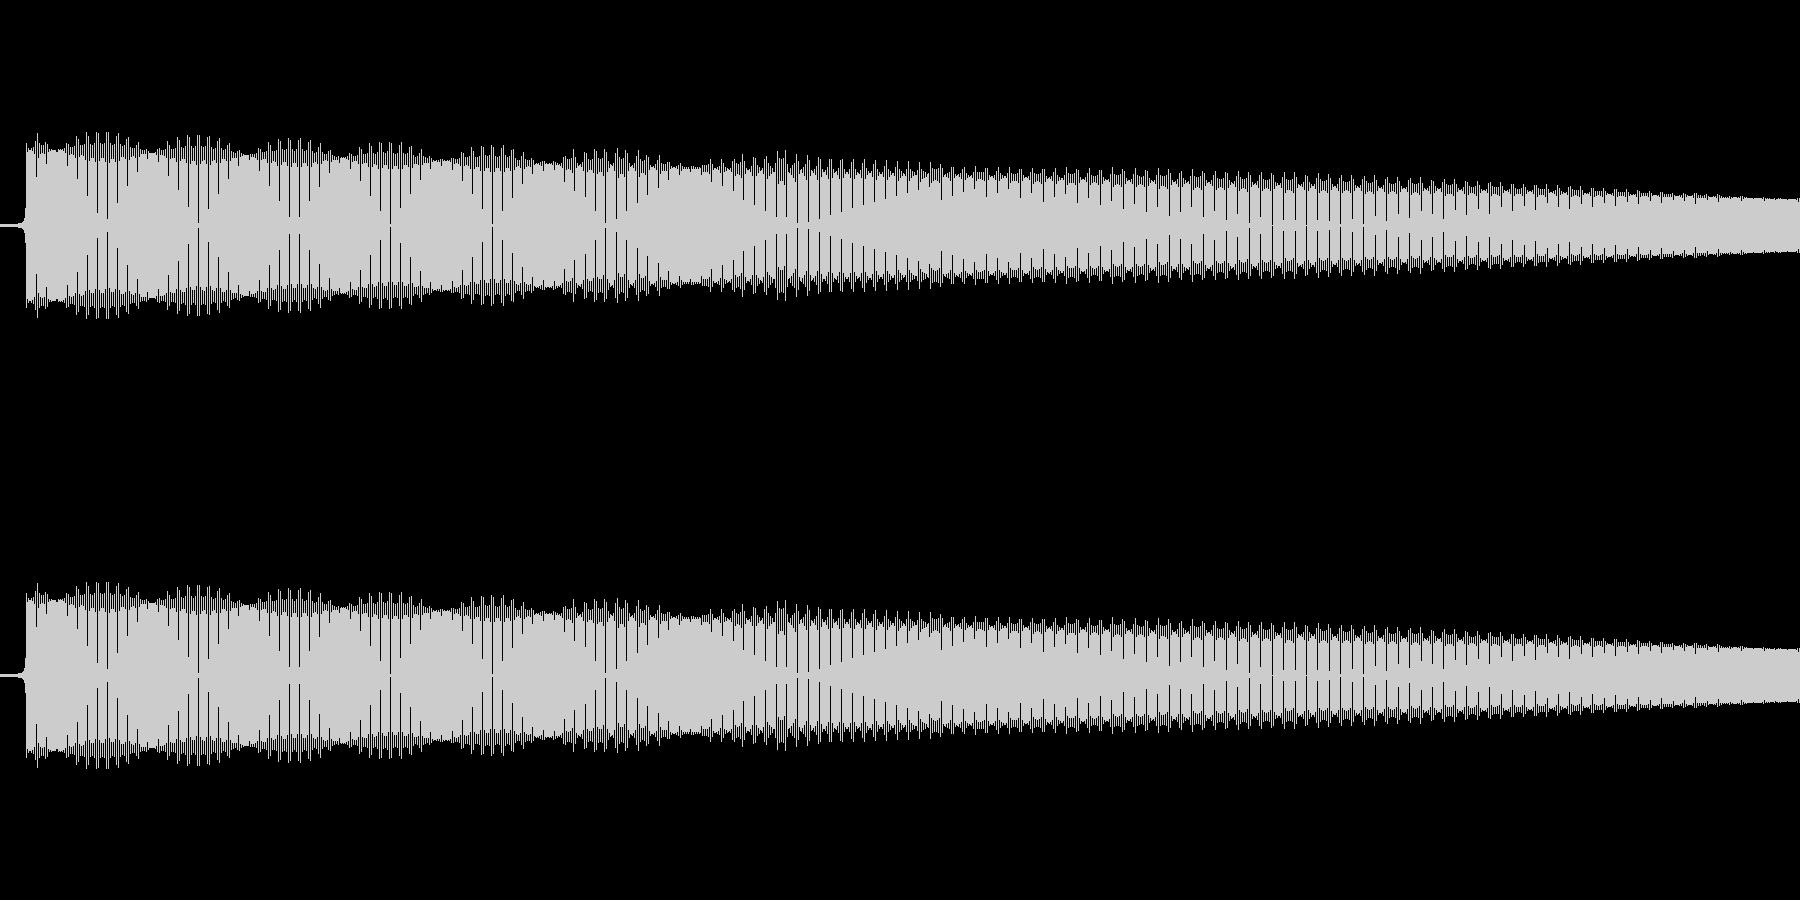 レトロゲーム風ショット音2の未再生の波形